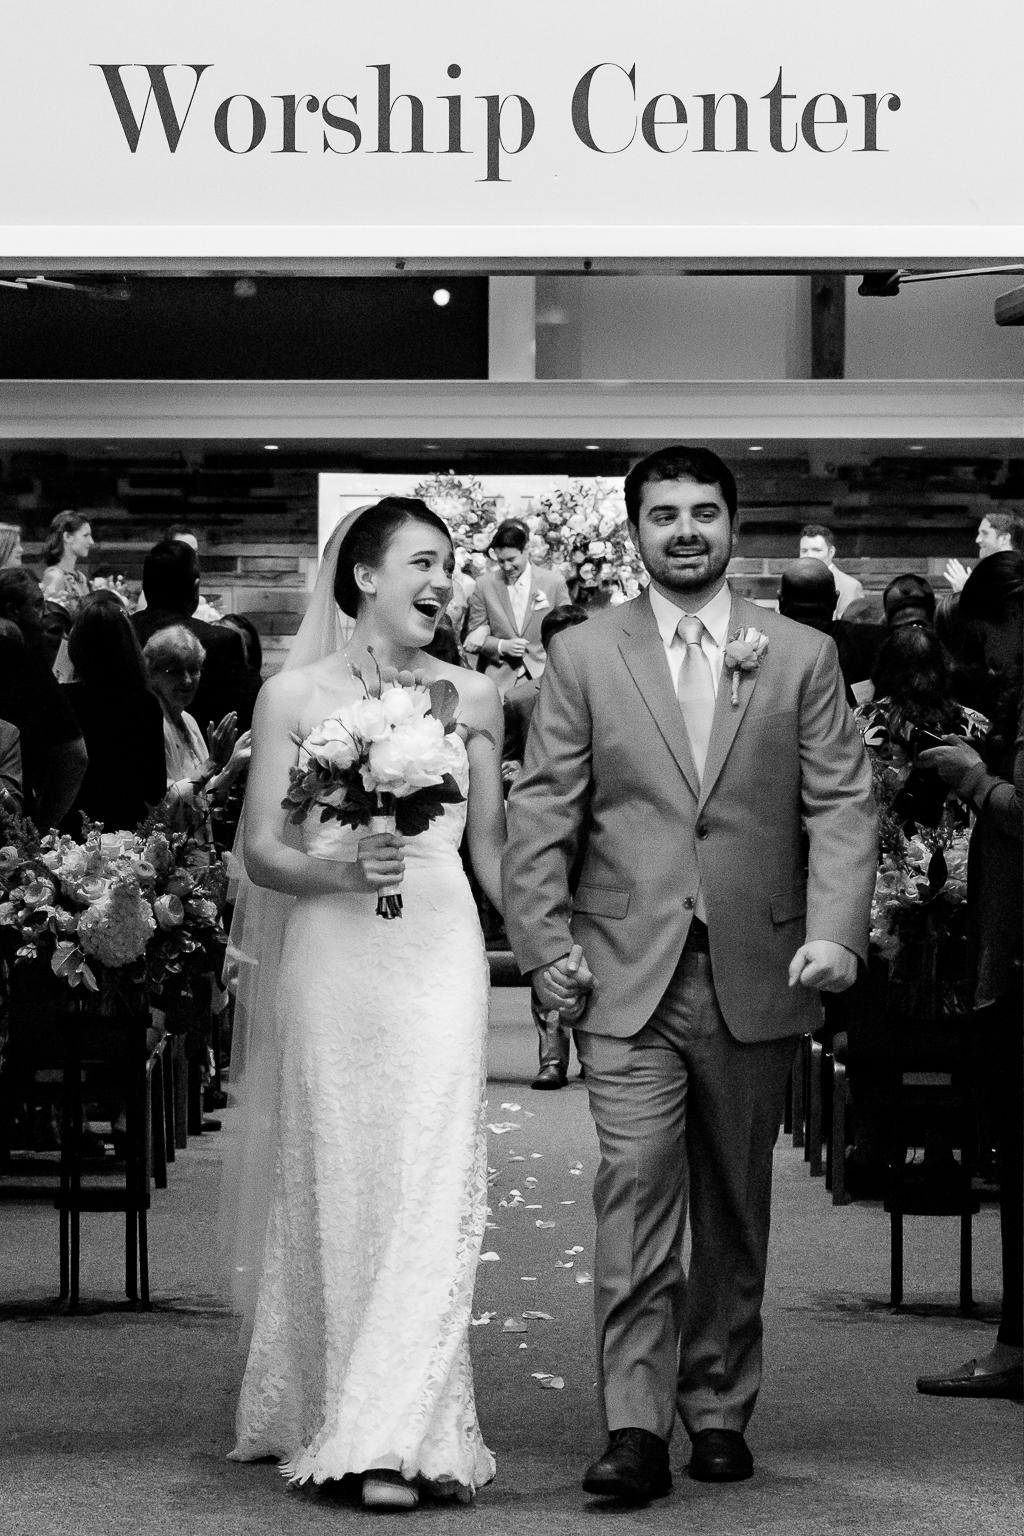 clytie-sadler-church-wedding-photographer-012-1.jpg